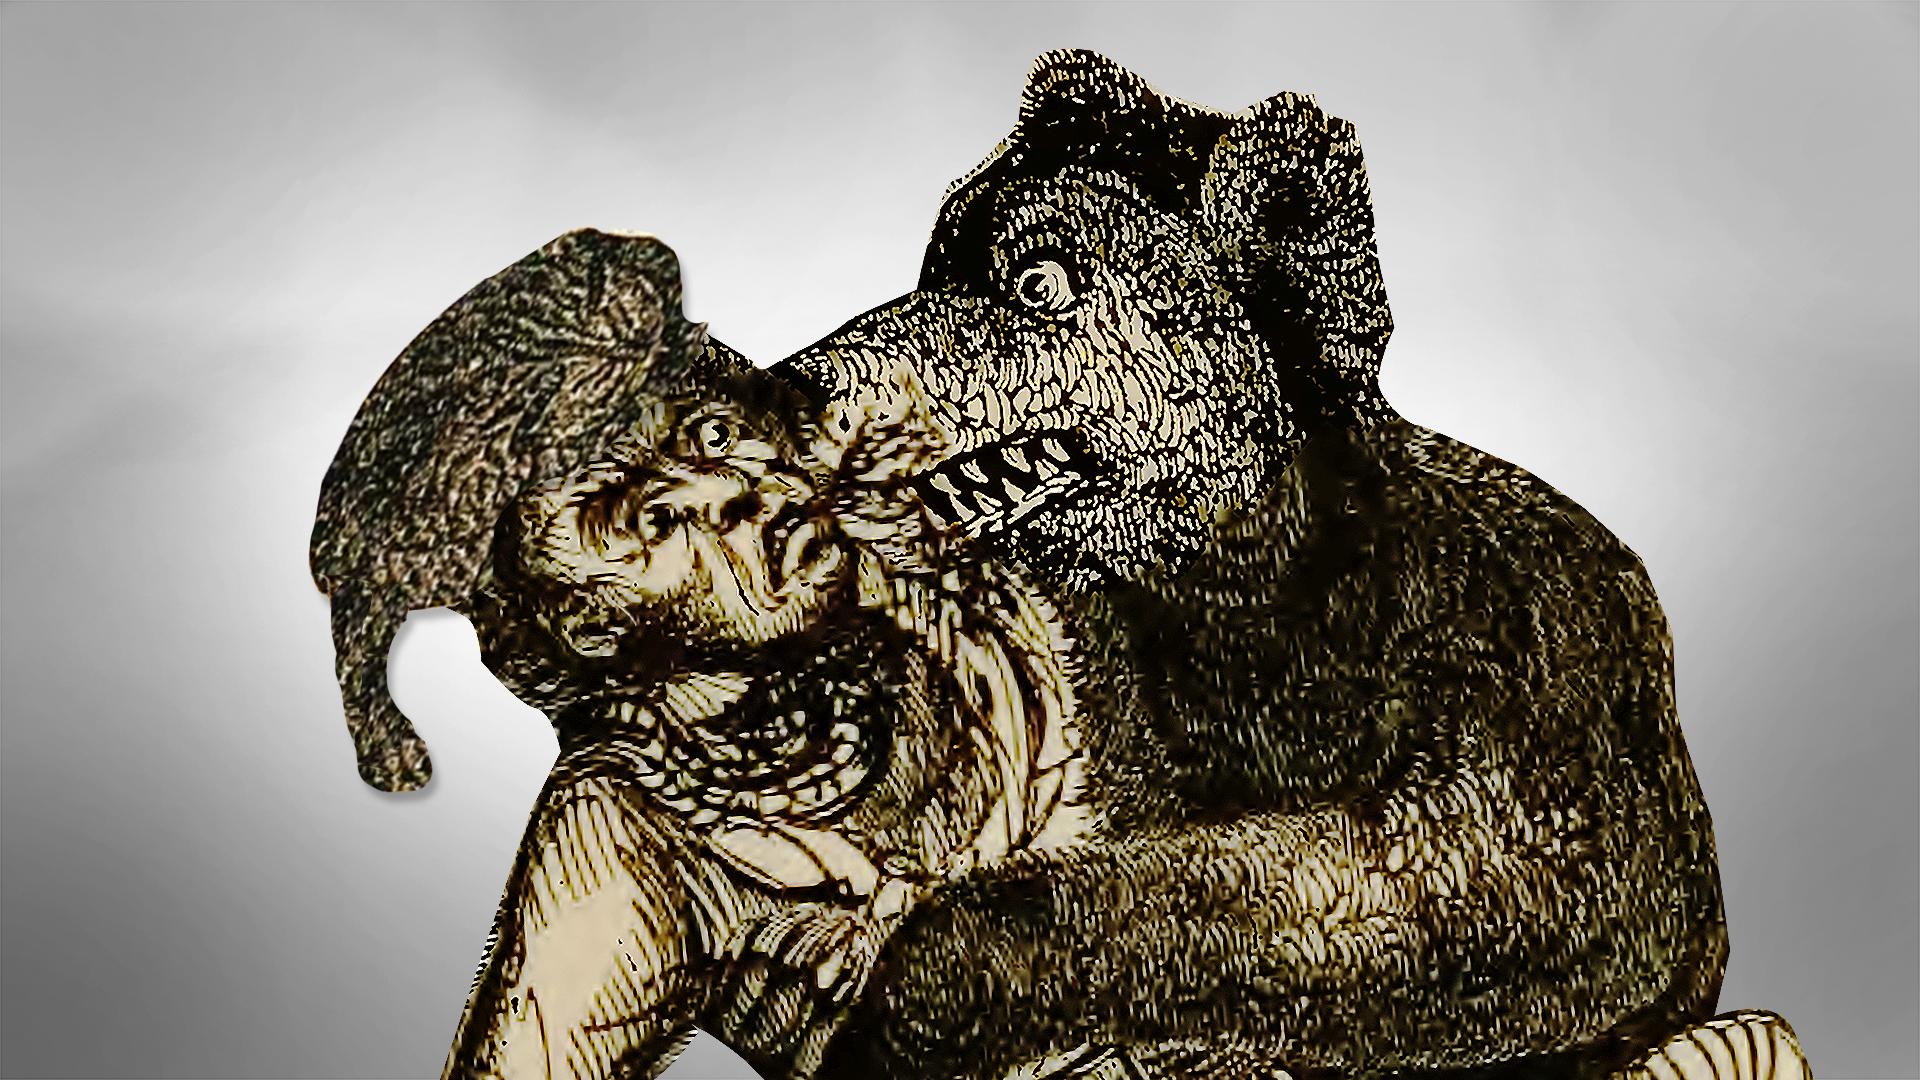 Davy Crockett fights a bear.